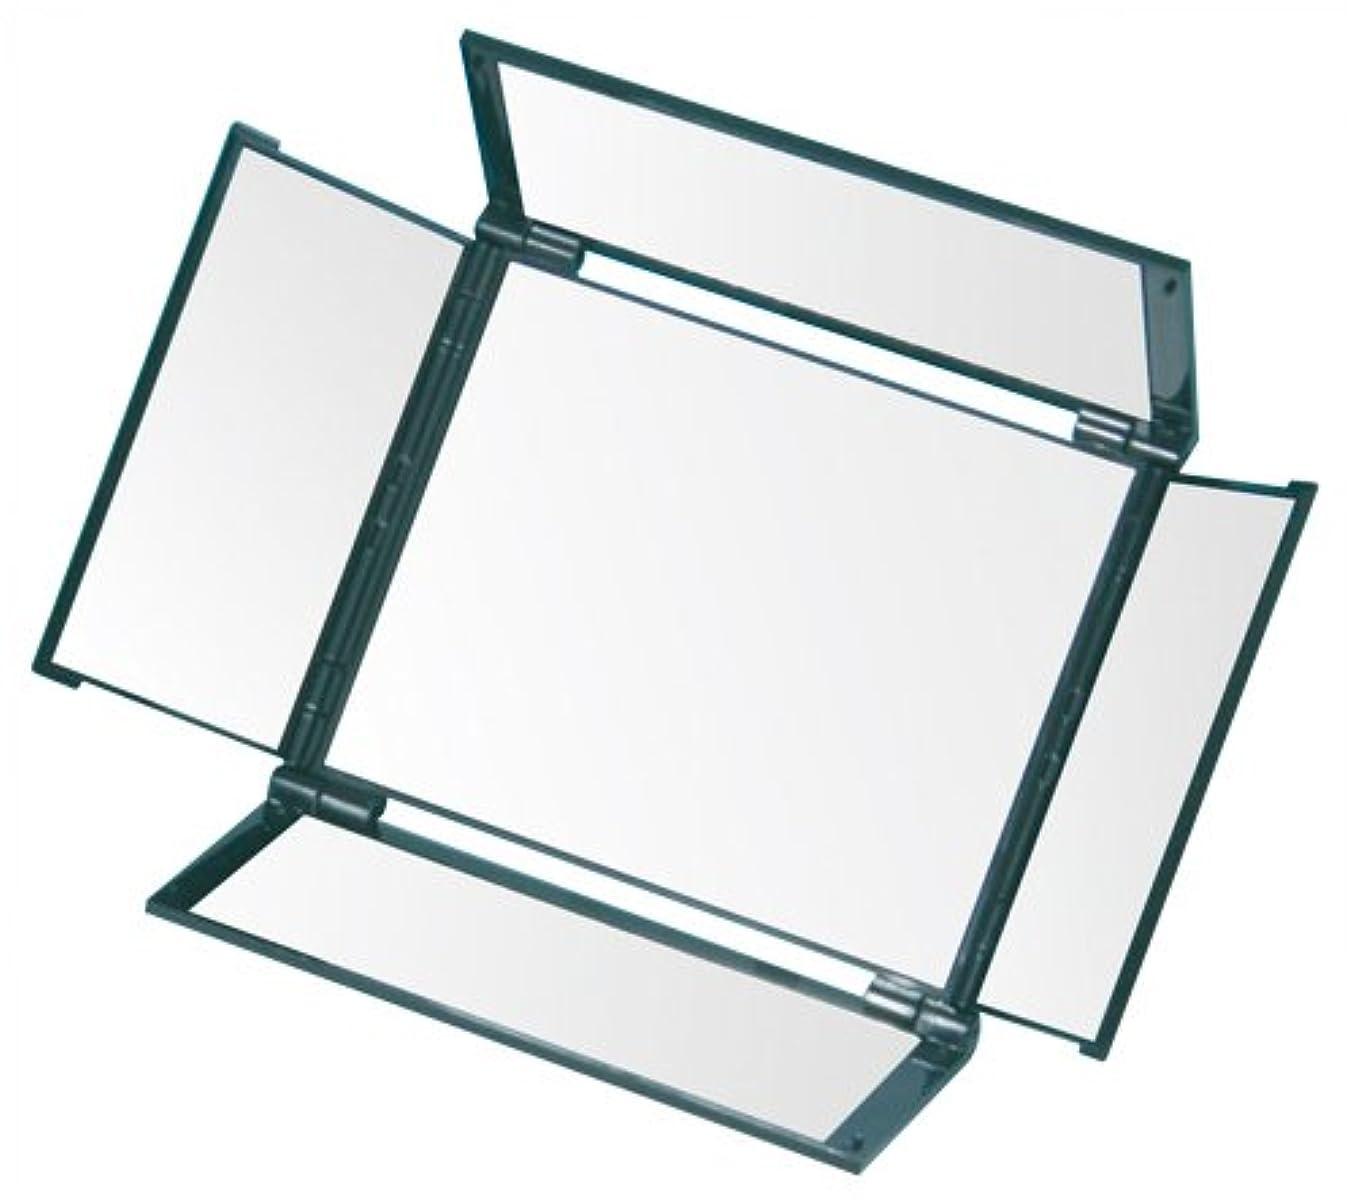 お手入れ不測の事態明らかにするオールラウンドミラー(5面鏡) HA-5 メタリックブラック